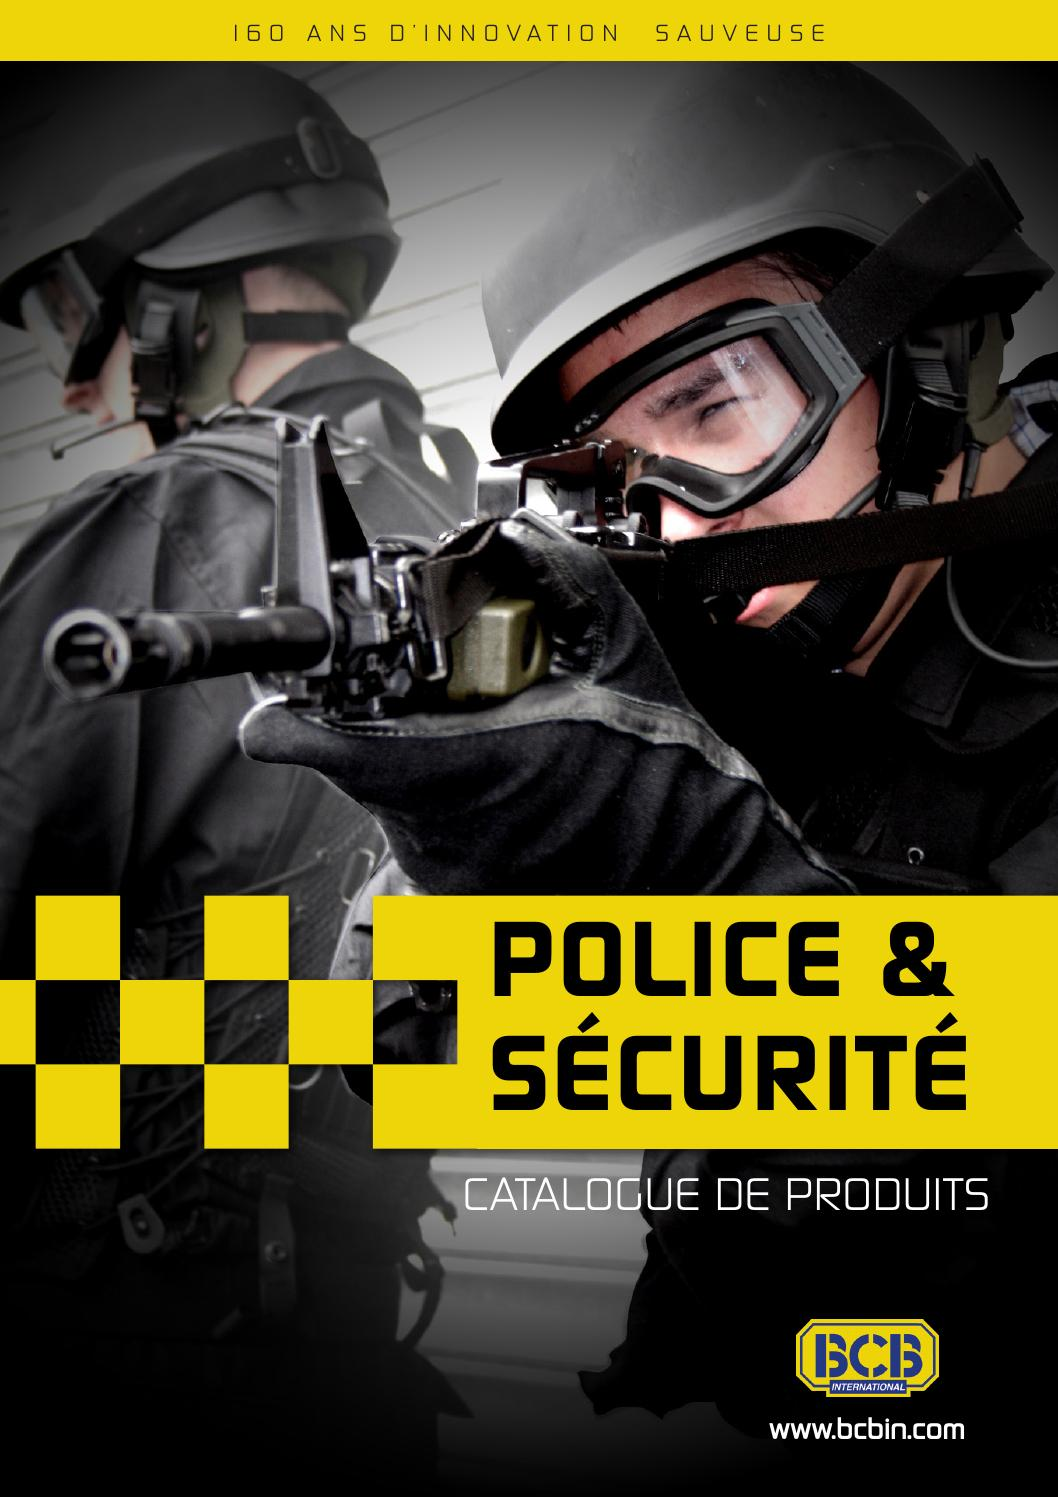 LA POLICE DE SÉCURITÉ VIPER GARDE SYSTÈME TACTIQUE CEINTURE AVEC POCHETTES TAILL